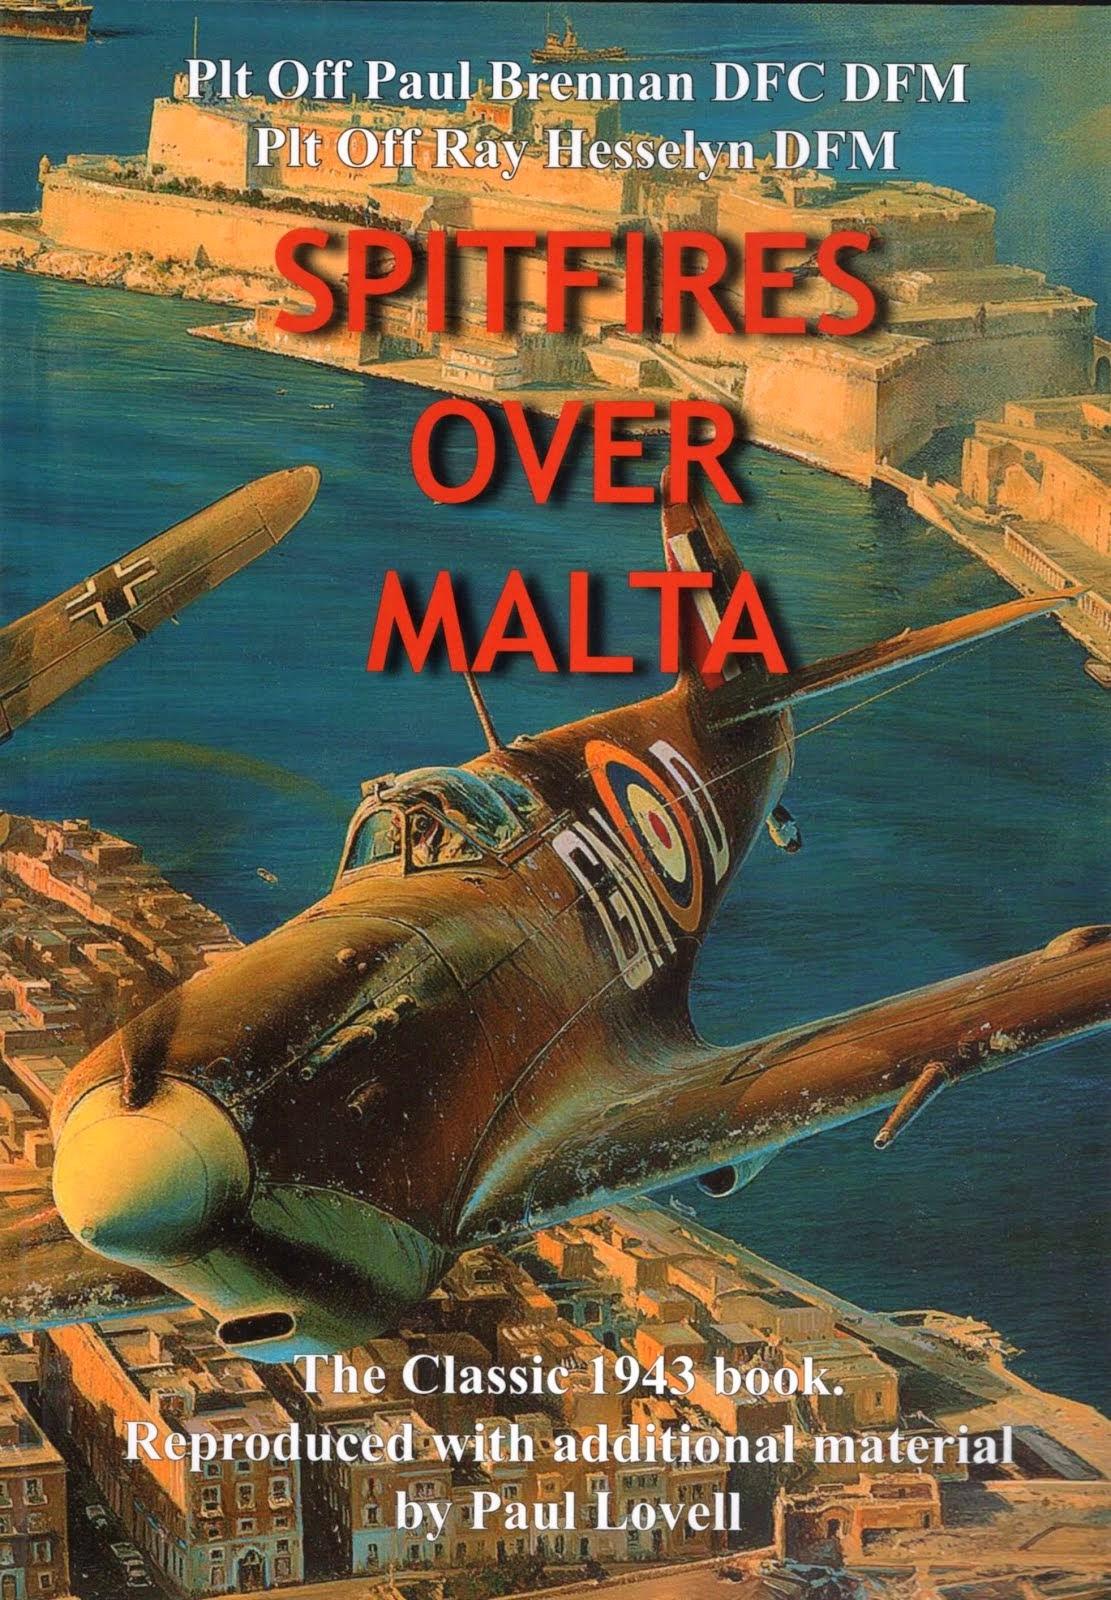 Spitfires Over Malta